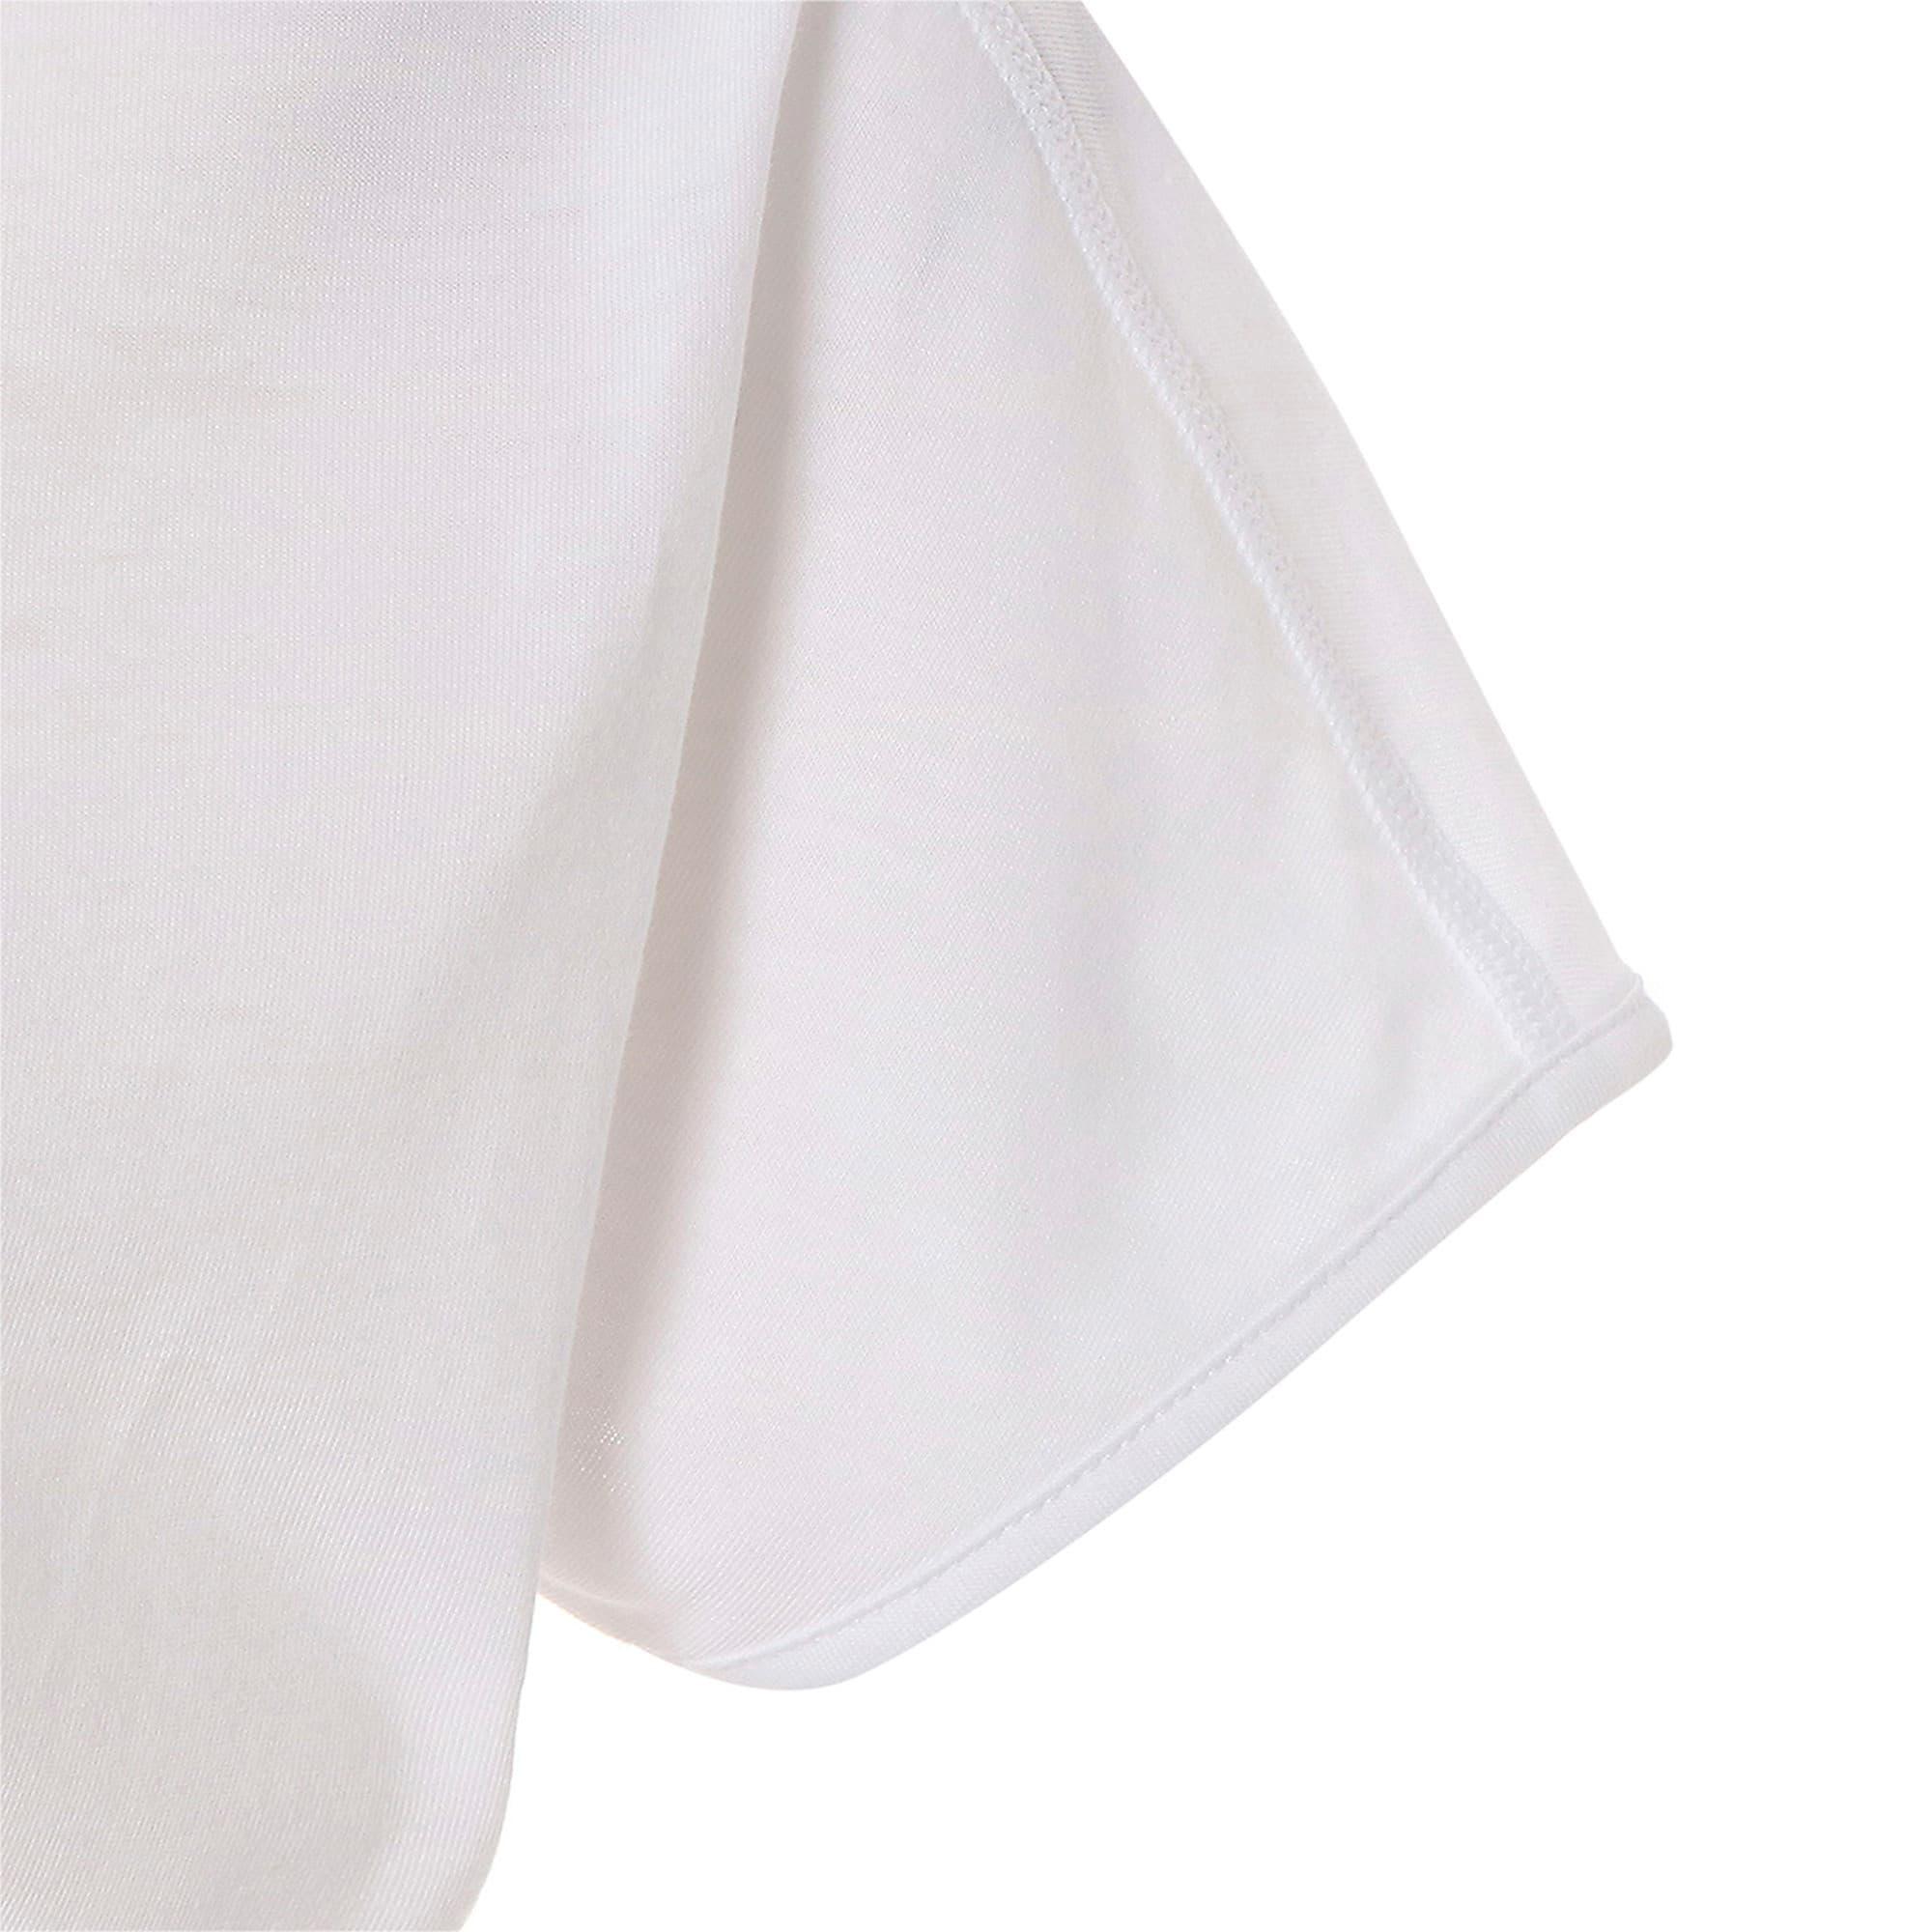 Thumbnail 8 of FAVORITE キャット SS ウィメンズ トレーニング Tシャツ 半袖, Puma White-CAT Q3, medium-JPN